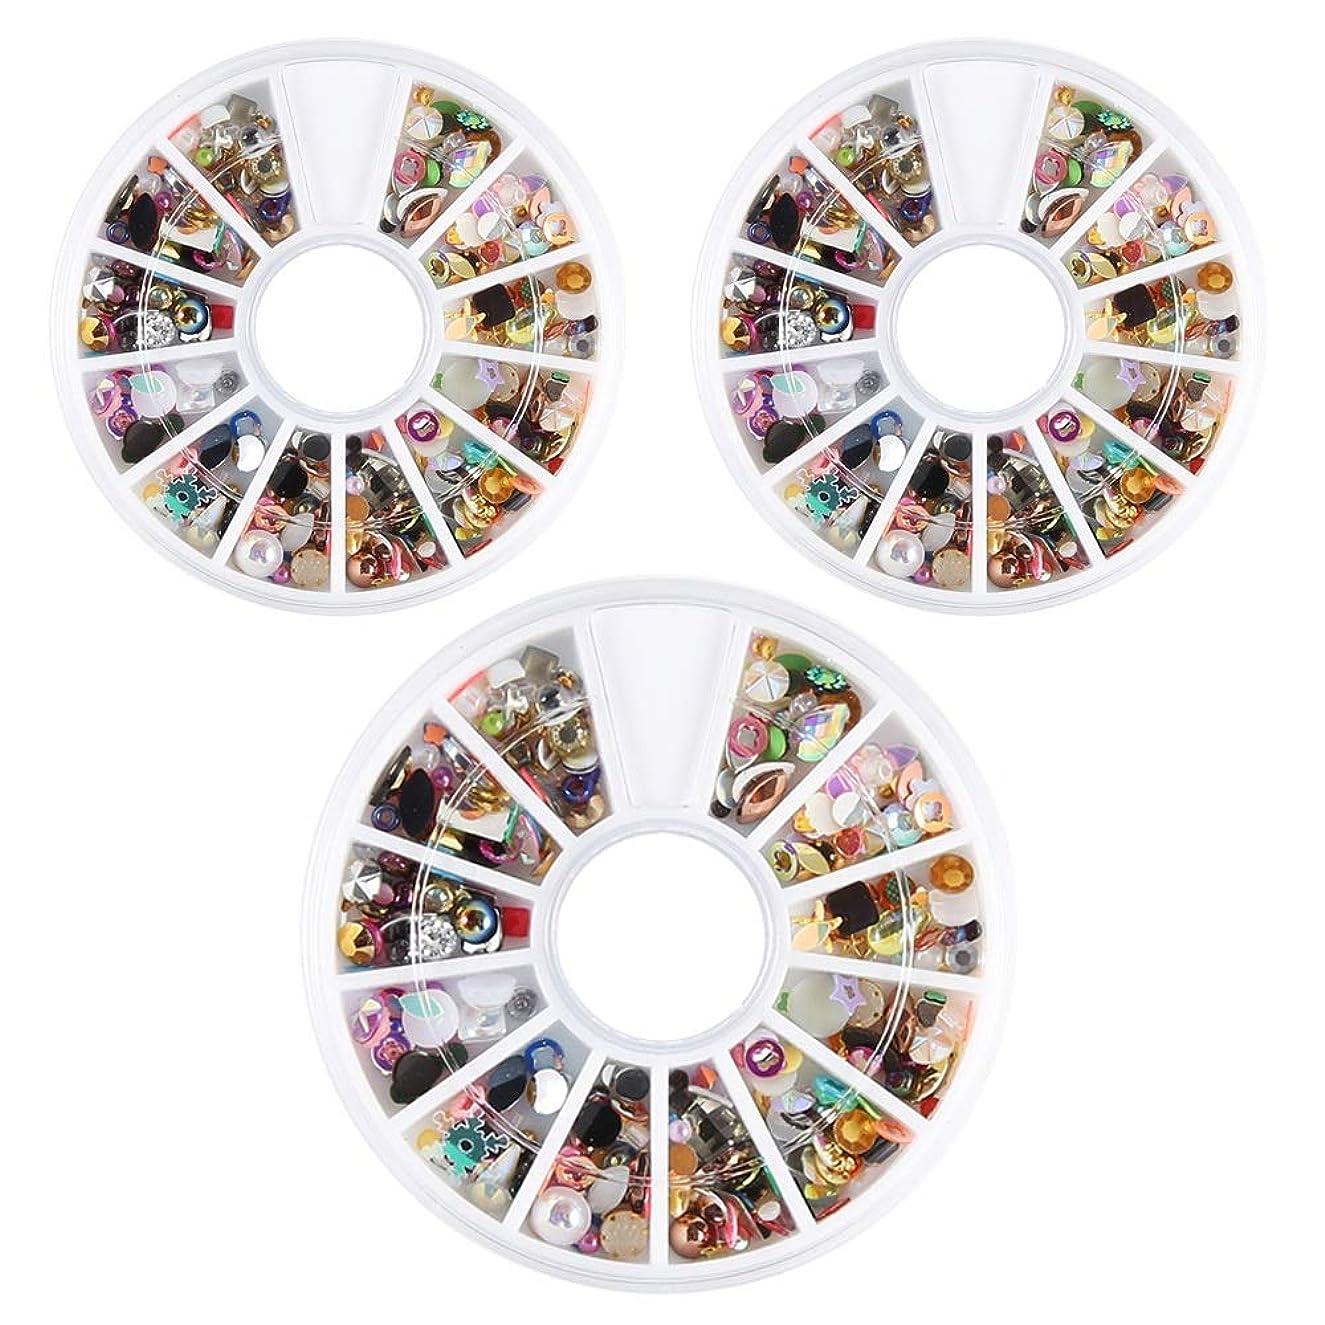 年金受給者受動的シャークネイルパーツ ネイルパーツ 3D ネイルアートデコレーション DIY ネイルデザイン ミックスパーツ カラフルな宝石 3ボックスセット ハンドメイド材料